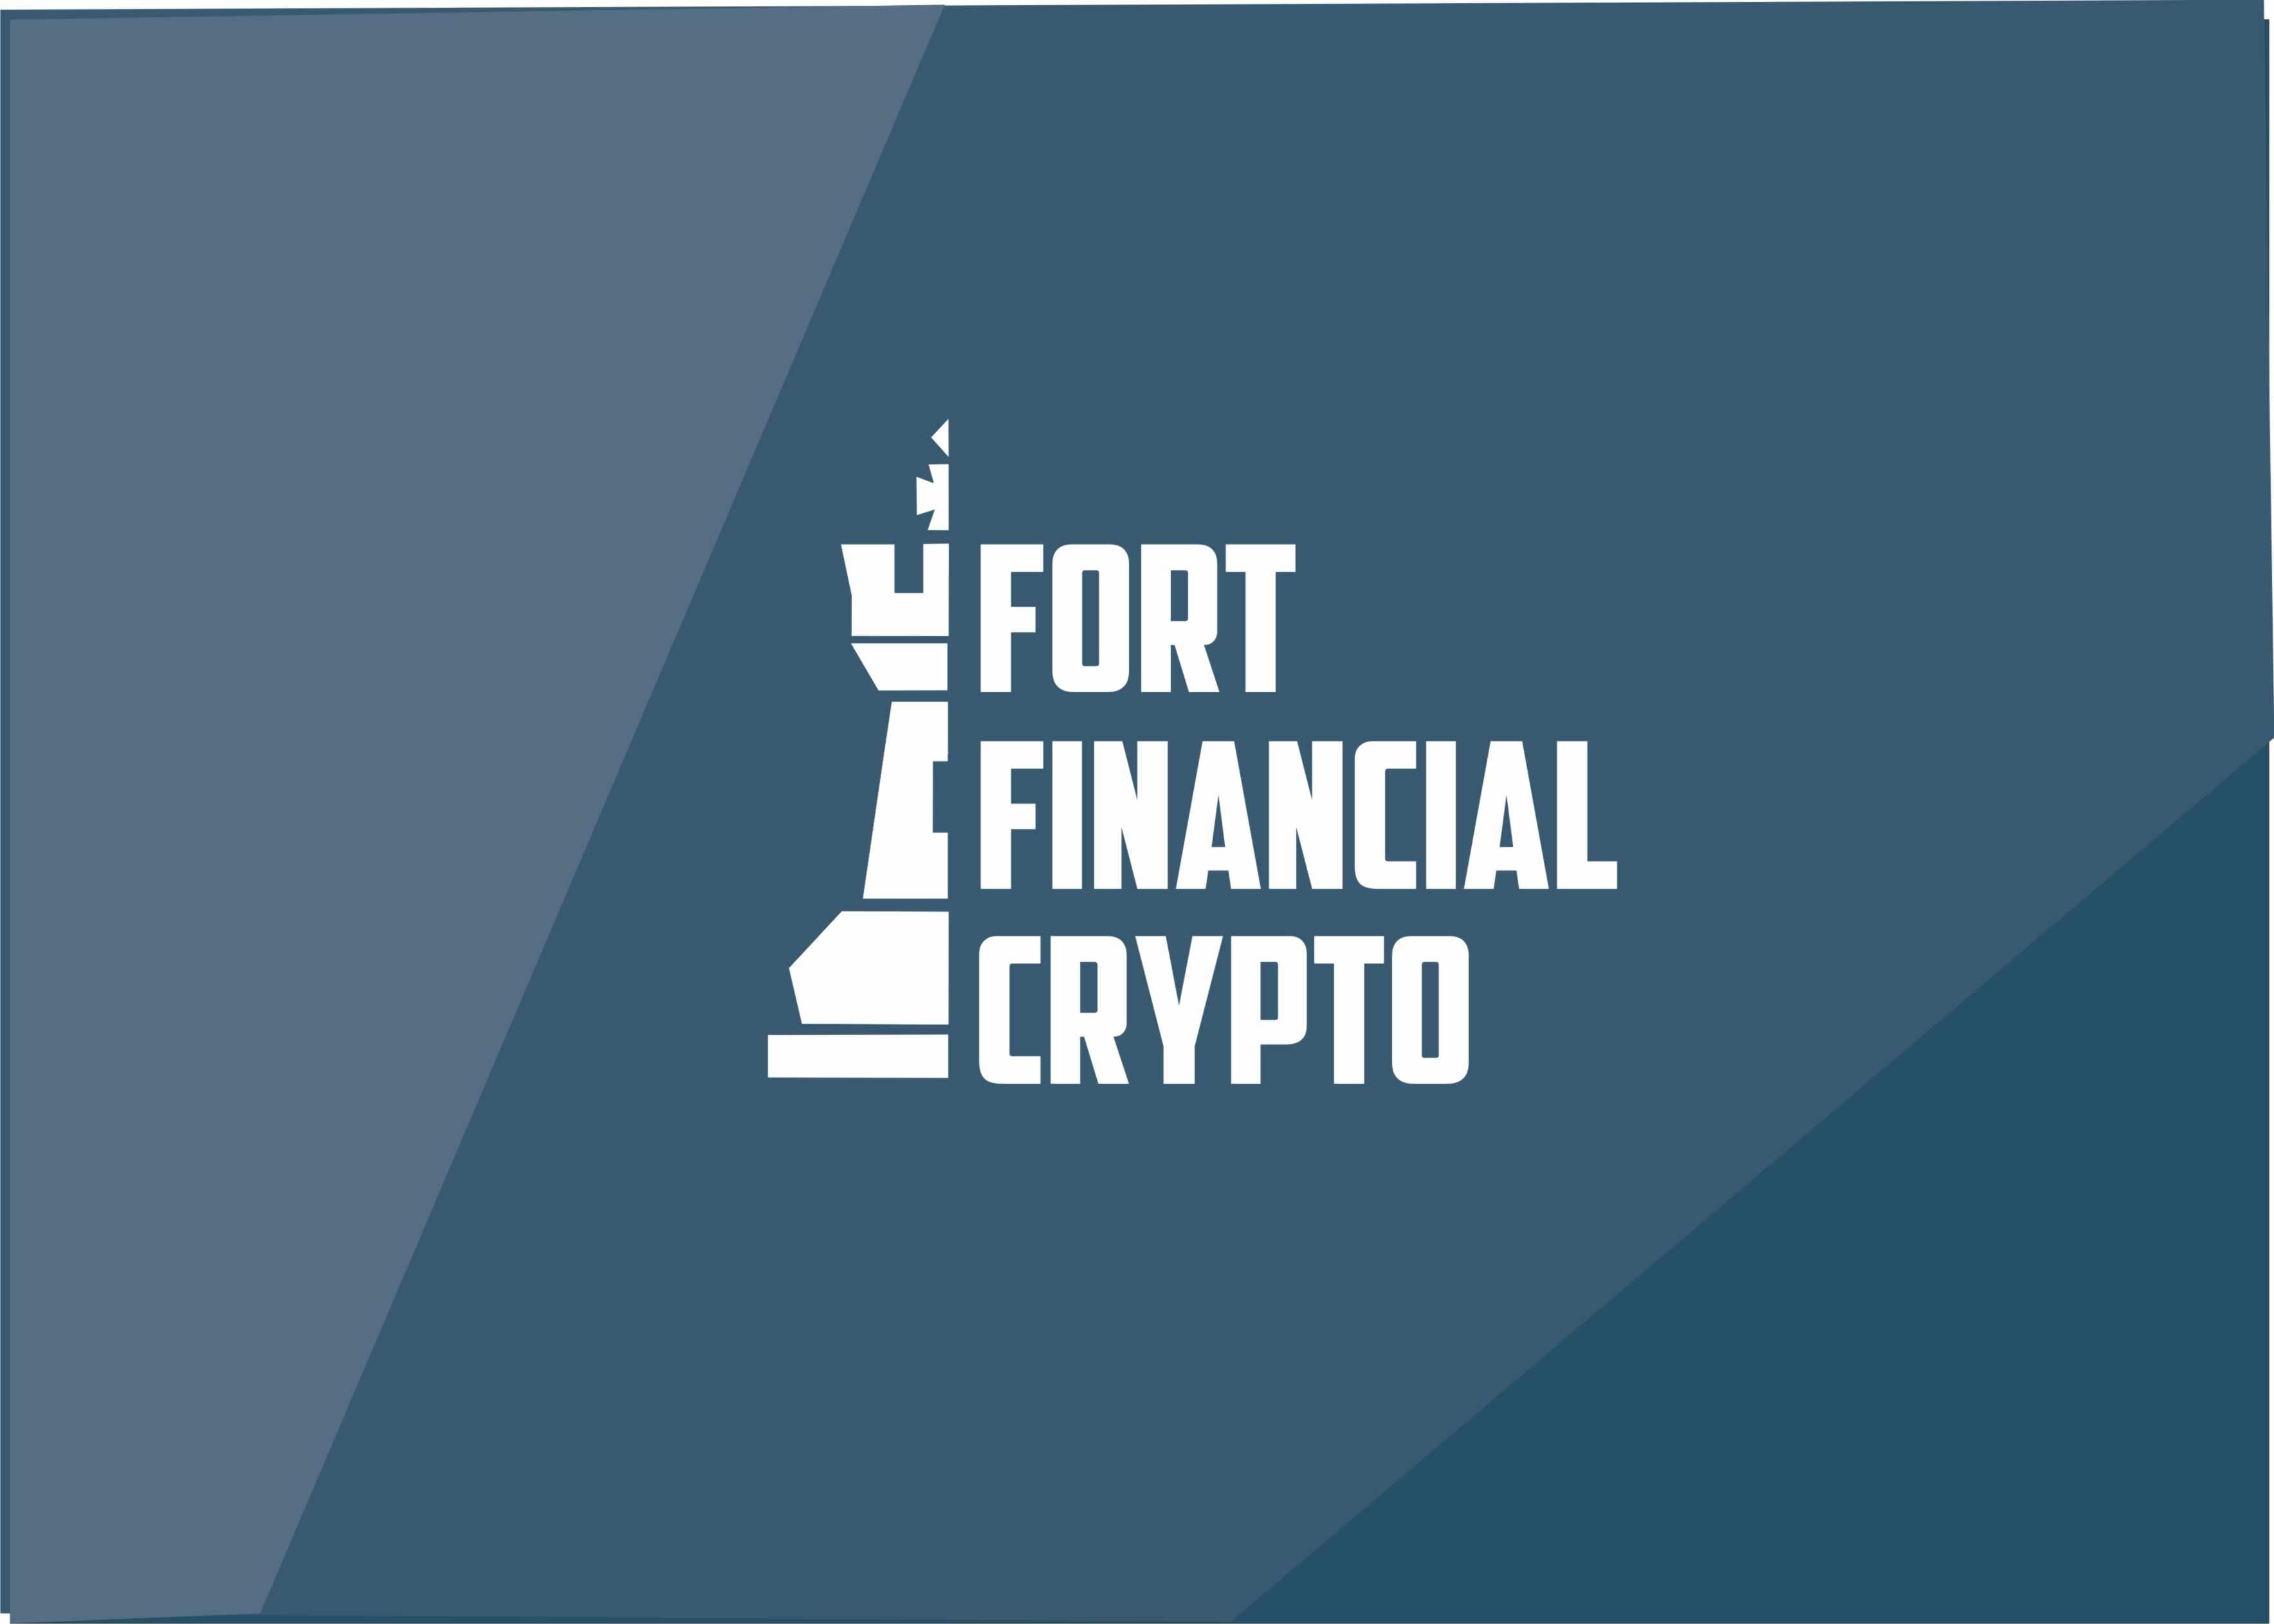 Разработка логотипа финансовой компании фото f_5755a86f5a91d6f3.jpg